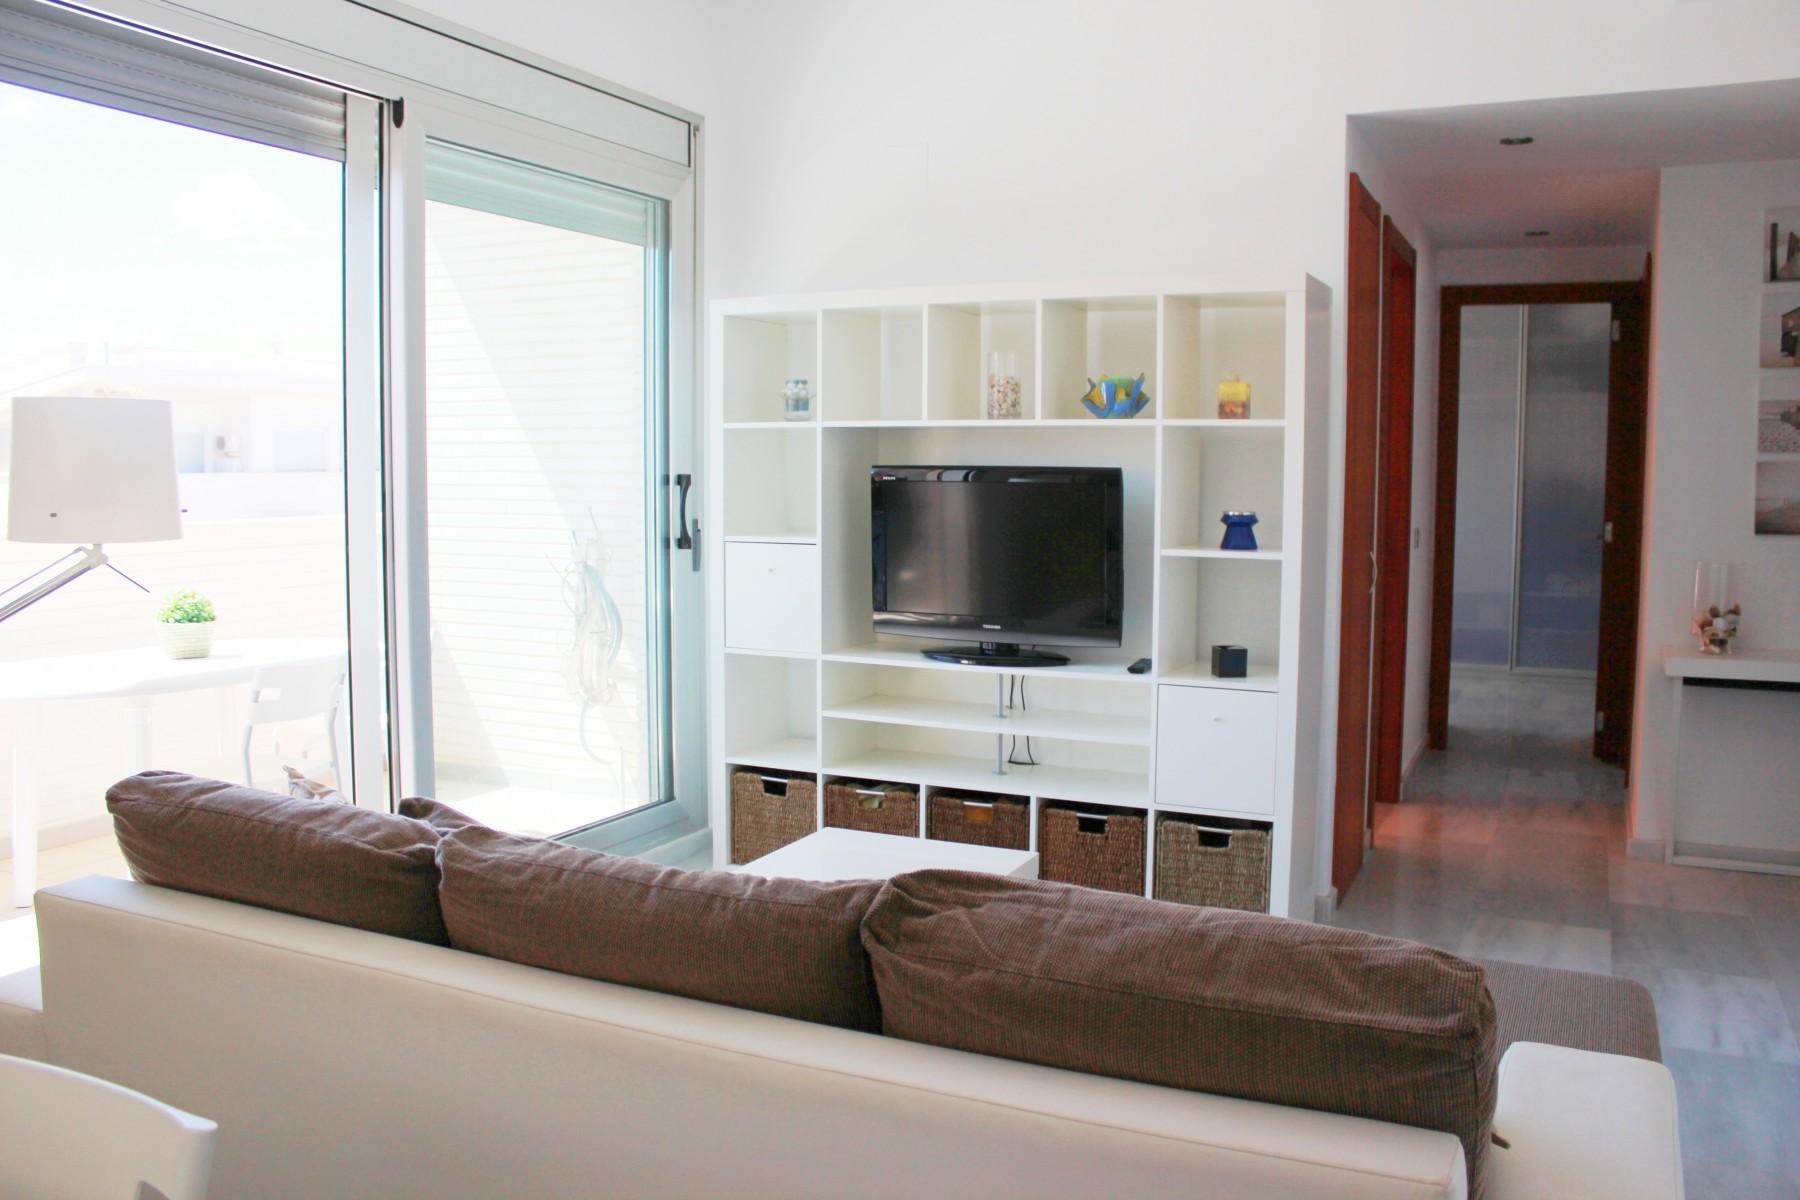 Apartamentos en denia 127 elegance - Denia apartamentos alquiler ...